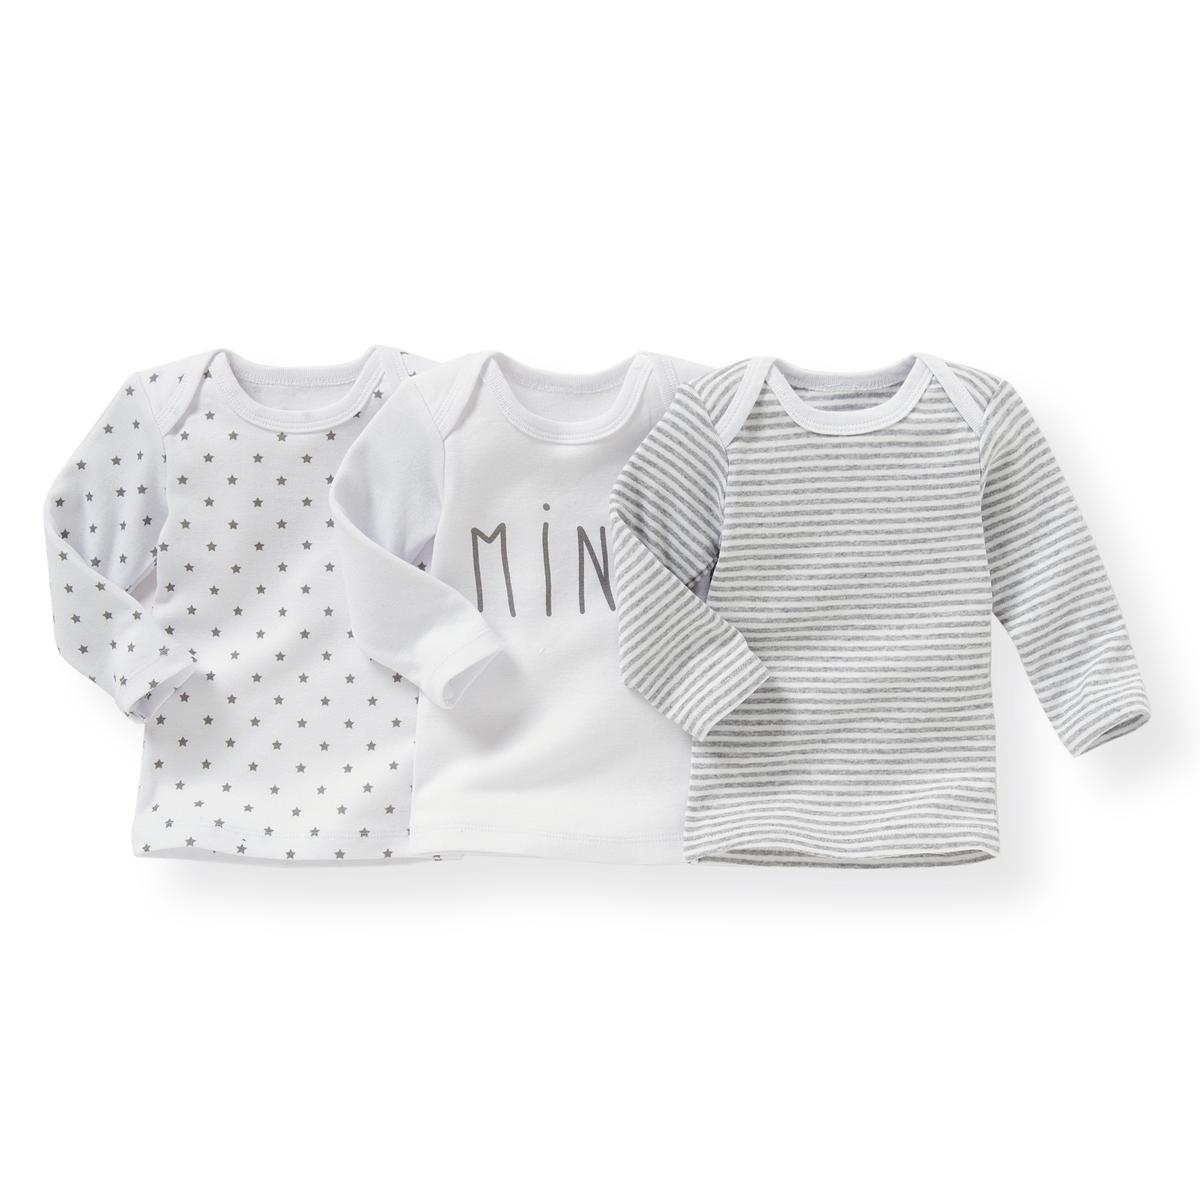 3 футболки хлопковых с рисунком, 0 мес.- 3 лет Oeko Tex от La Redoute